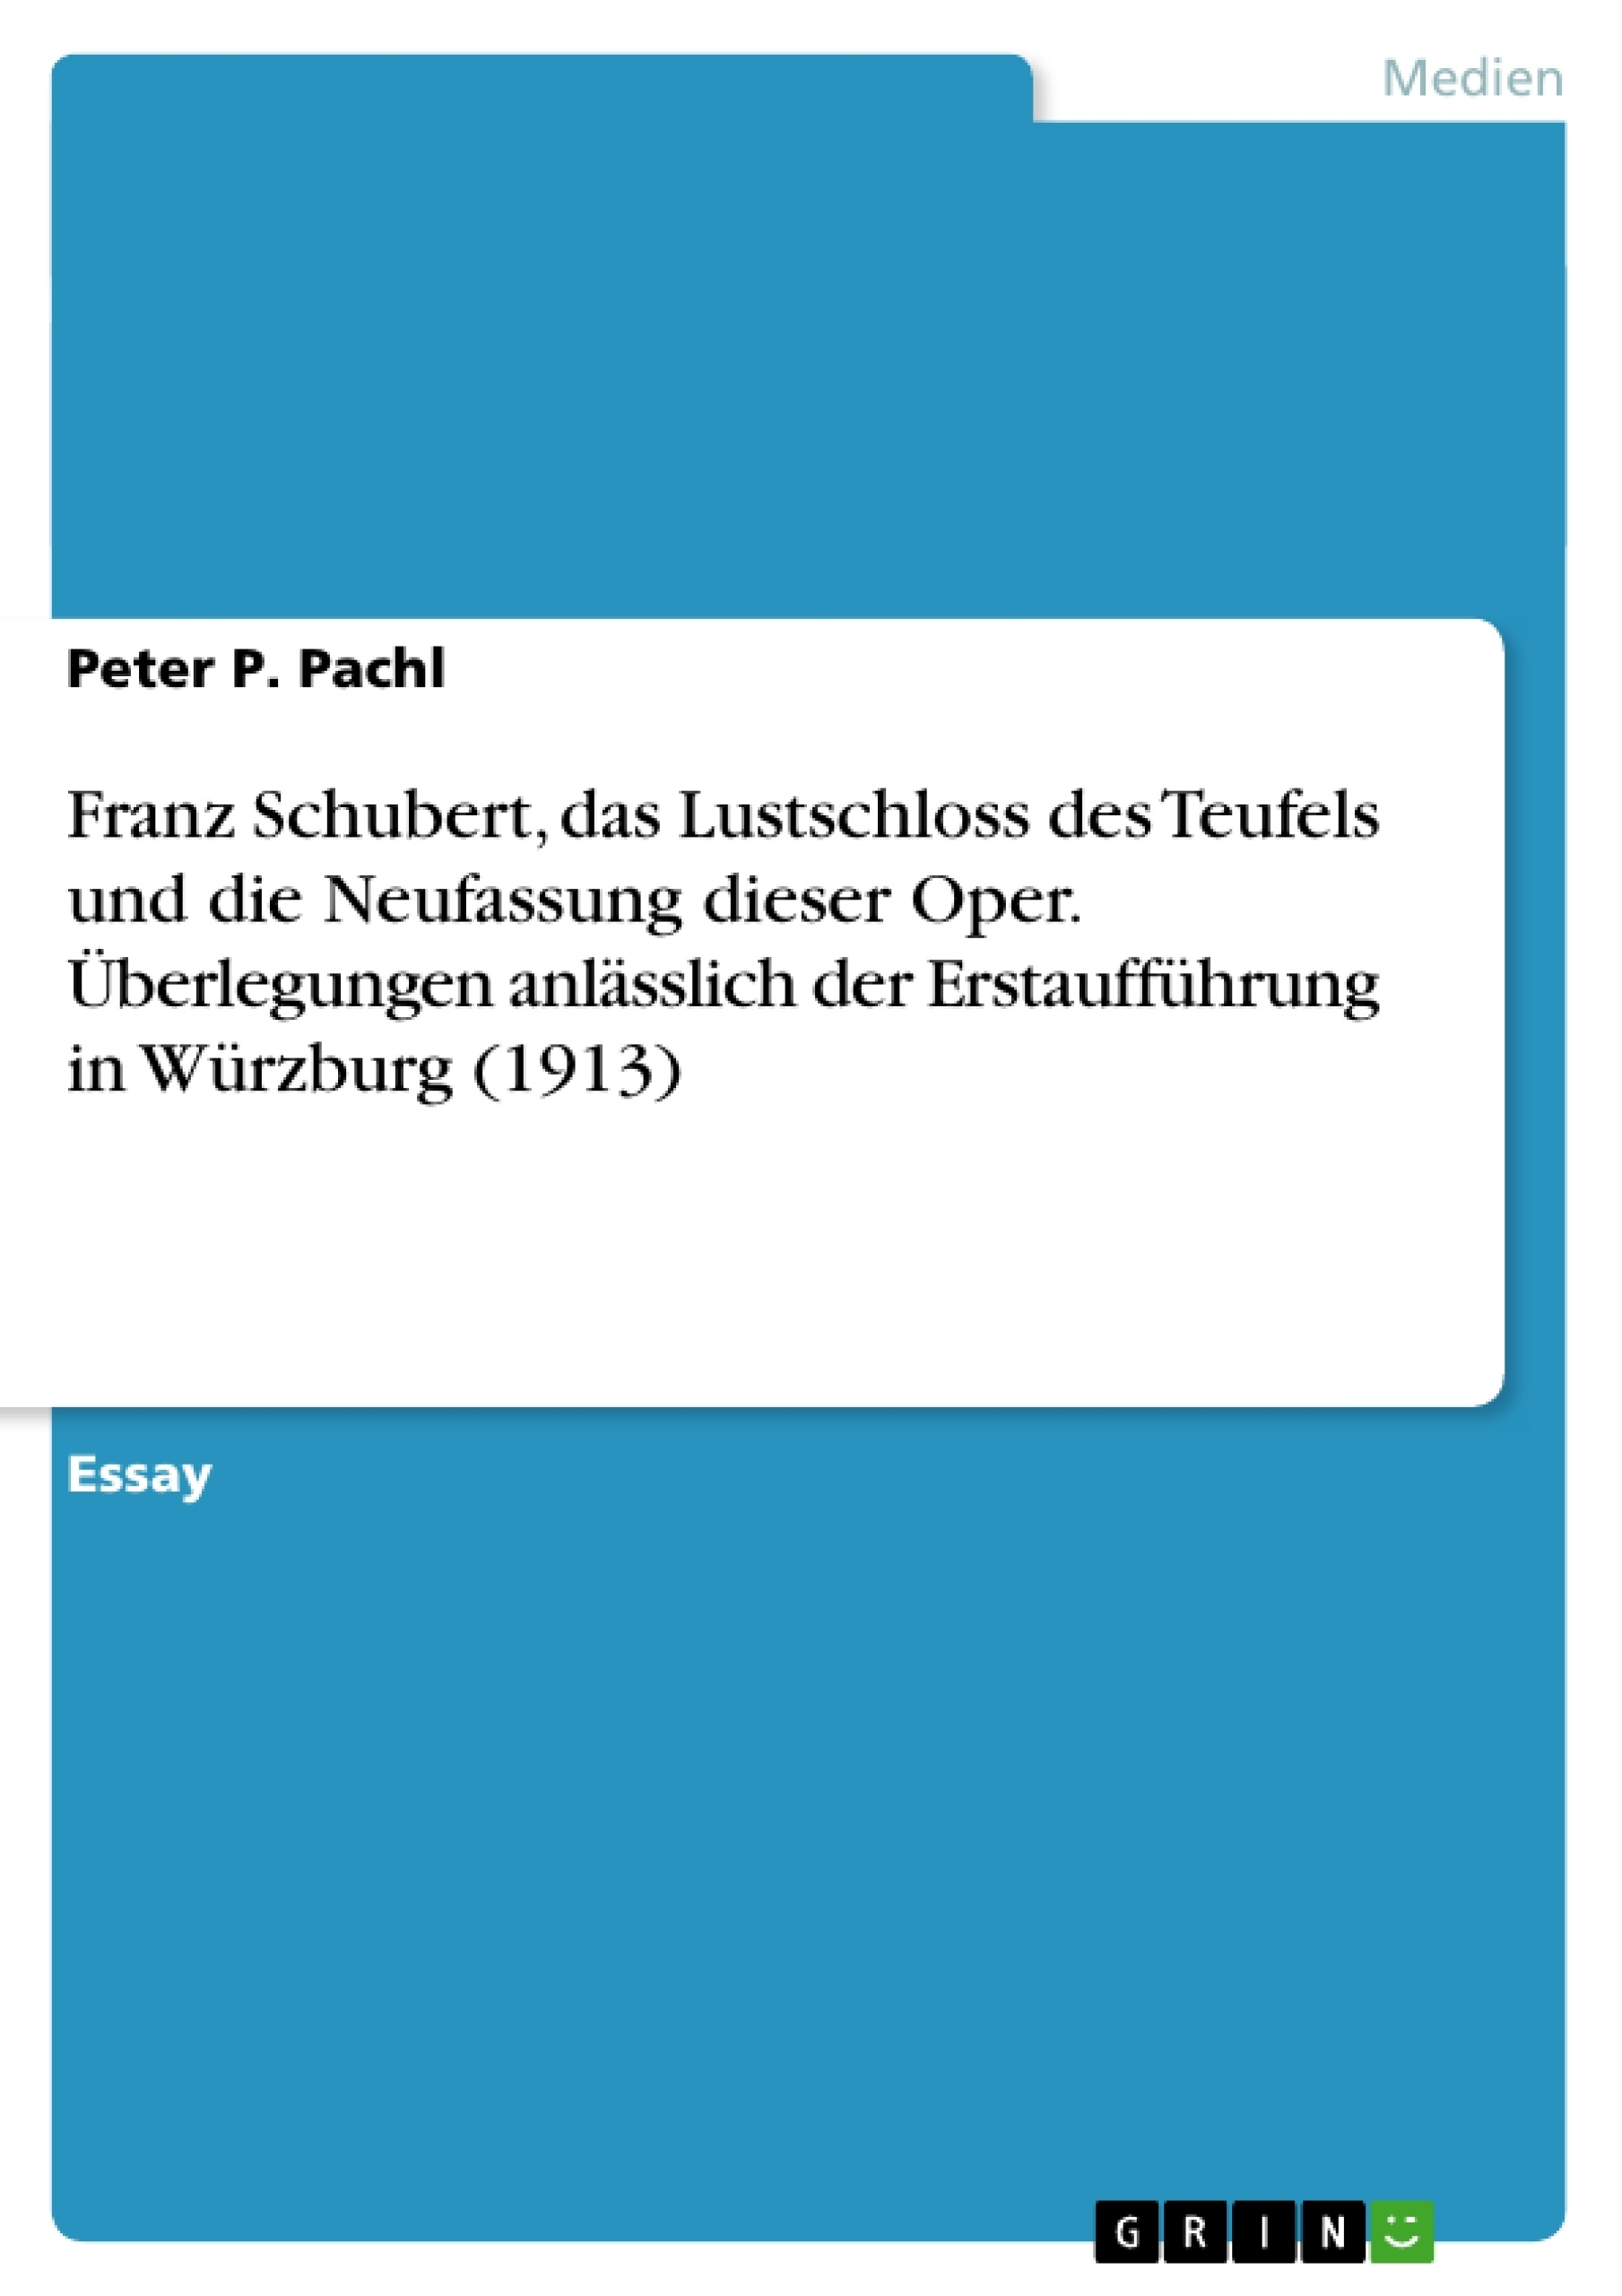 Titel: Franz Schubert, das Lustschloss des Teufels und die Neufassung dieser Oper. Überlegungen anlässlich der Erstaufführung in Würzburg (1913)